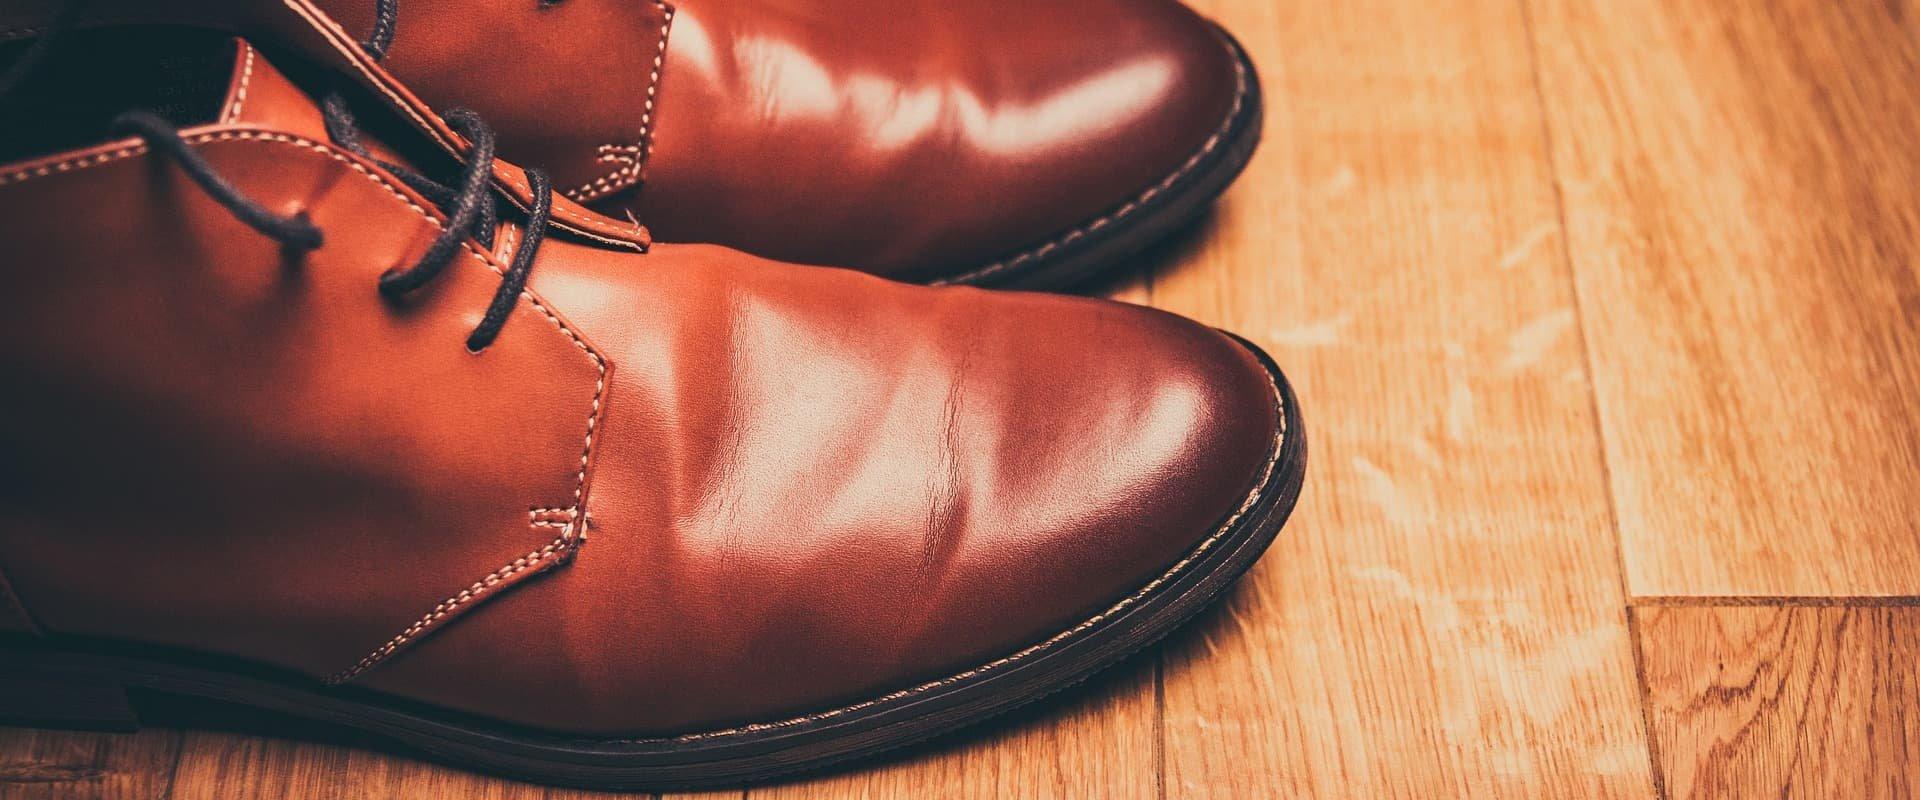 Leder & Schuh Einzelhandel und Großhandel Software